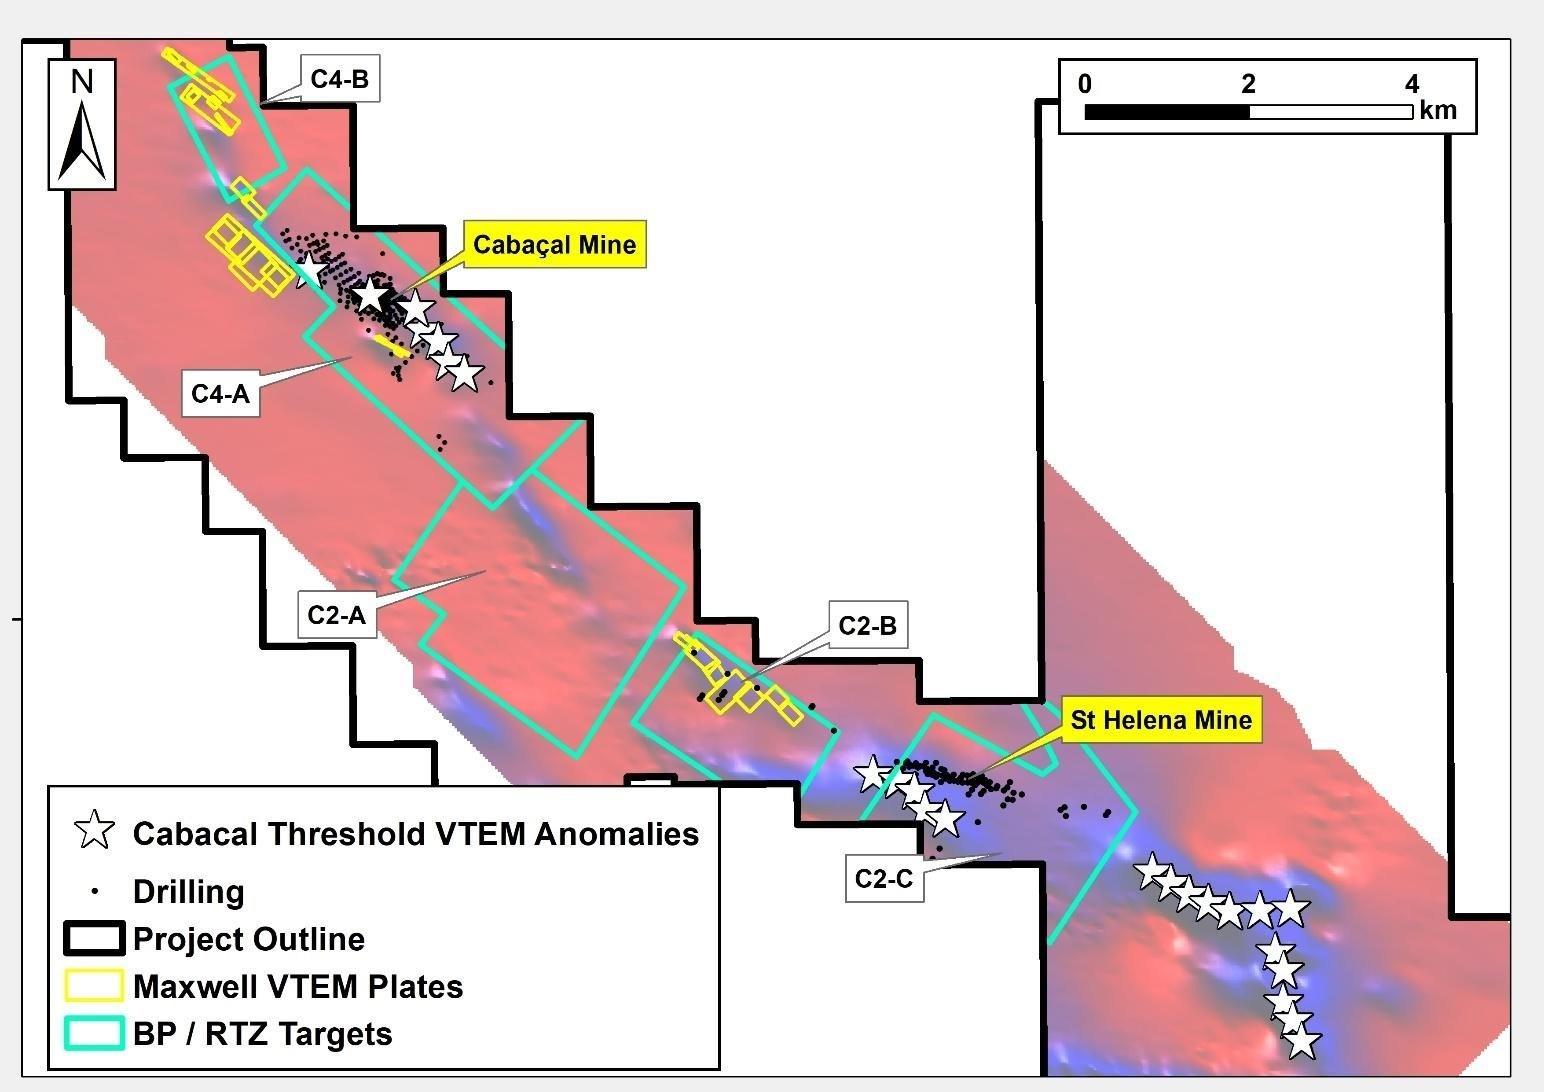 """Figura 3: Distribución regional tanto de las anomalías VTEM de alta amplitud (polígonos amarillos) como de las respuestas """"estilo Cabaçal"""" recién modeladas (estrellas blancas).  (Grupo CNW / Meridian Mining SE)"""